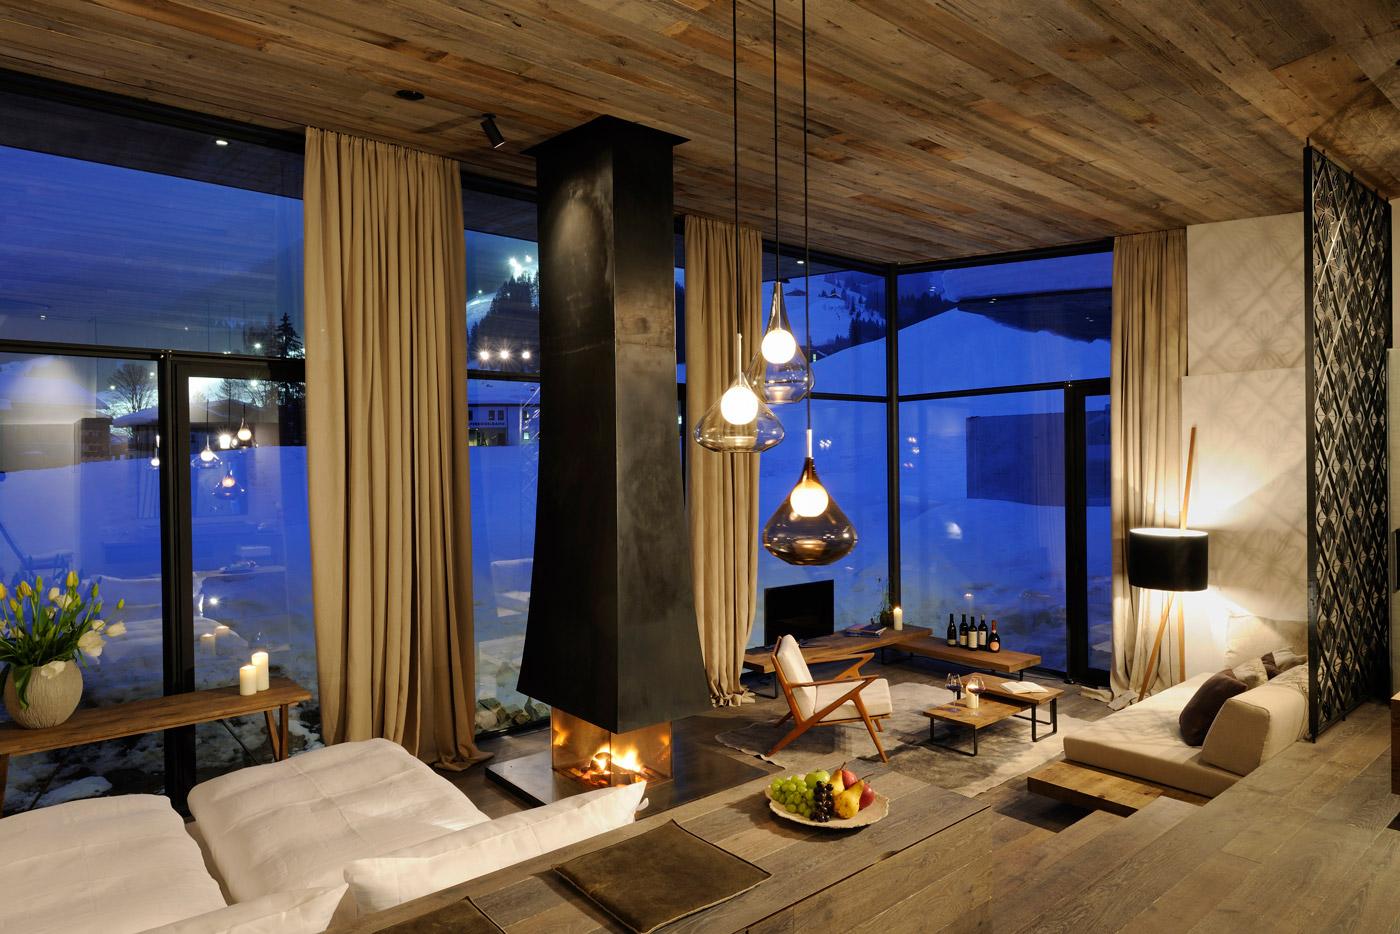 Luxus ganz unter sich im Wiesergut in Saalbach Hinterglemm #2744A4 1400x934 Banheiro De Hotel De Luxo